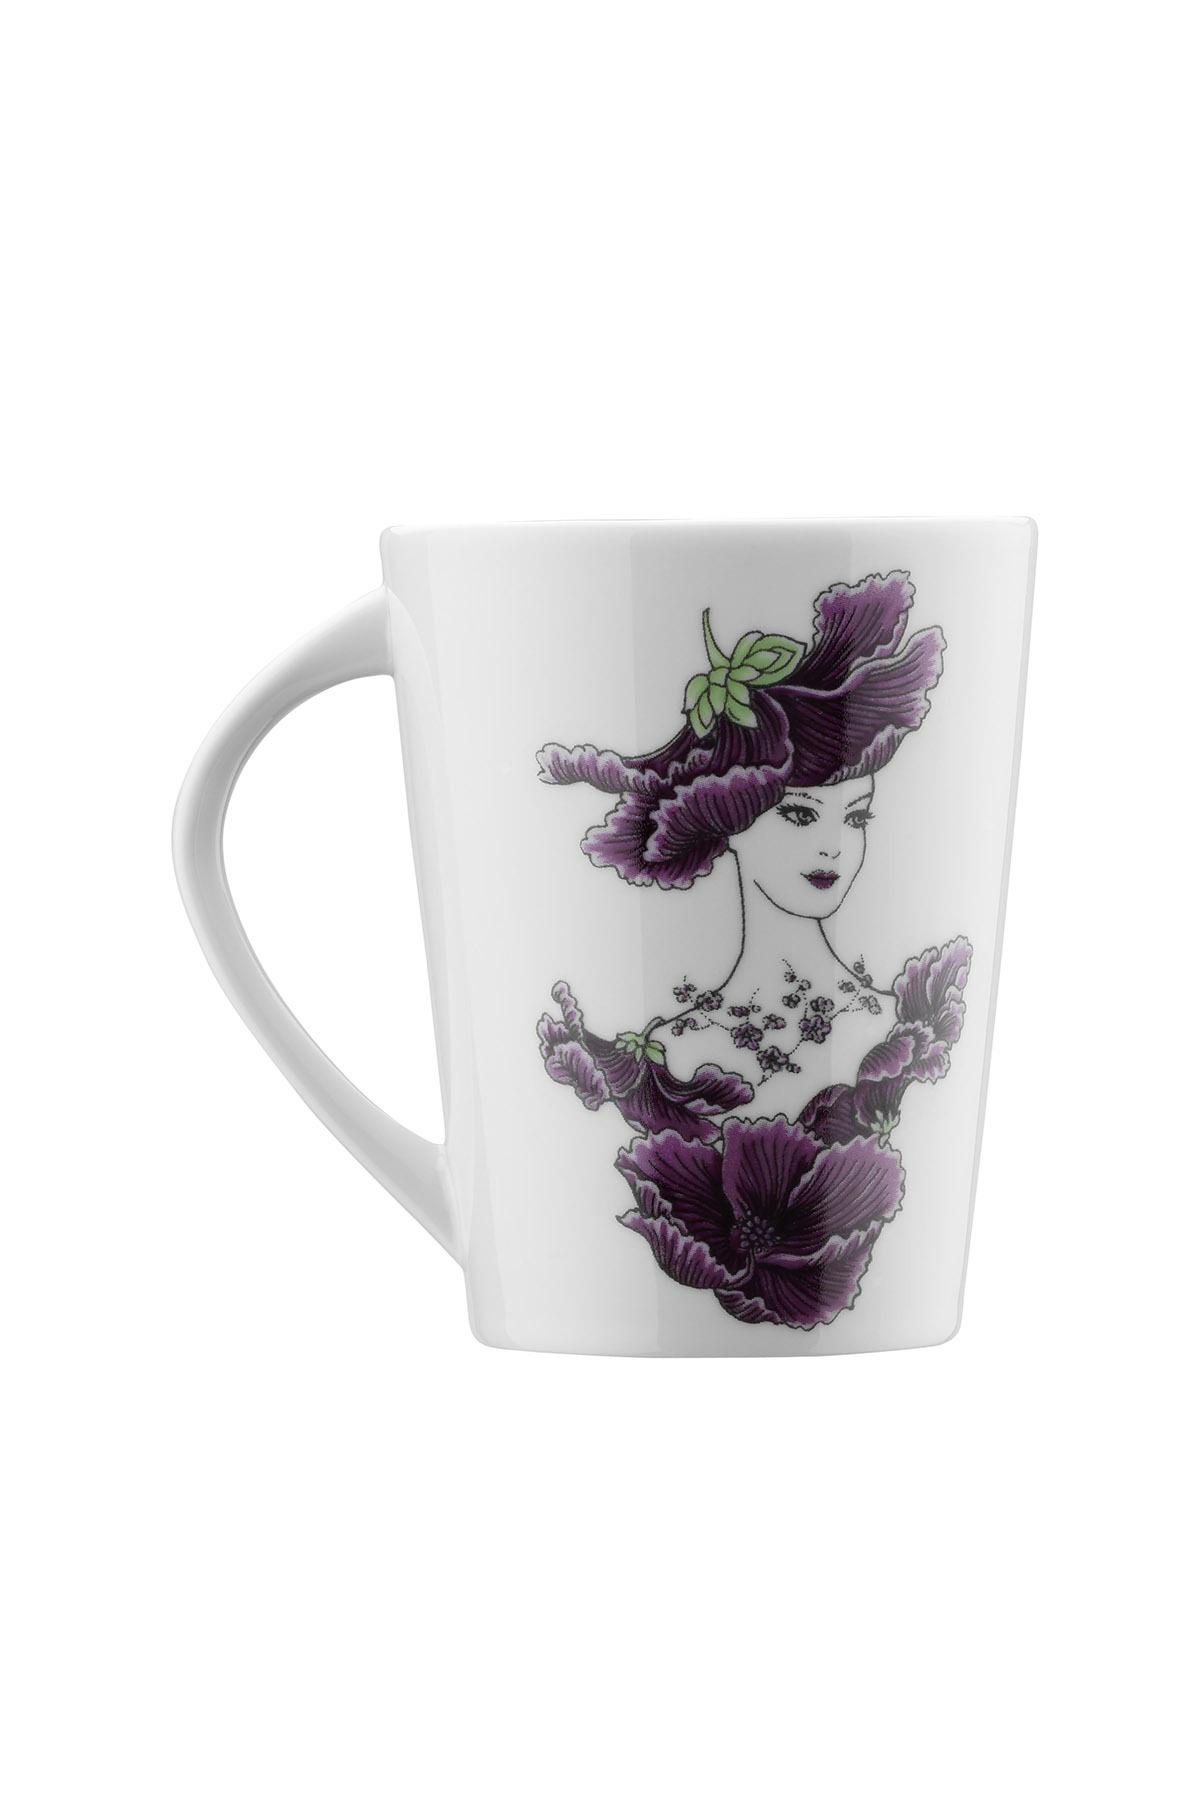 Kütahya Porselen - Kütahya Porselen Kadınlarım Serisi 9433 Desen Mug Bardak